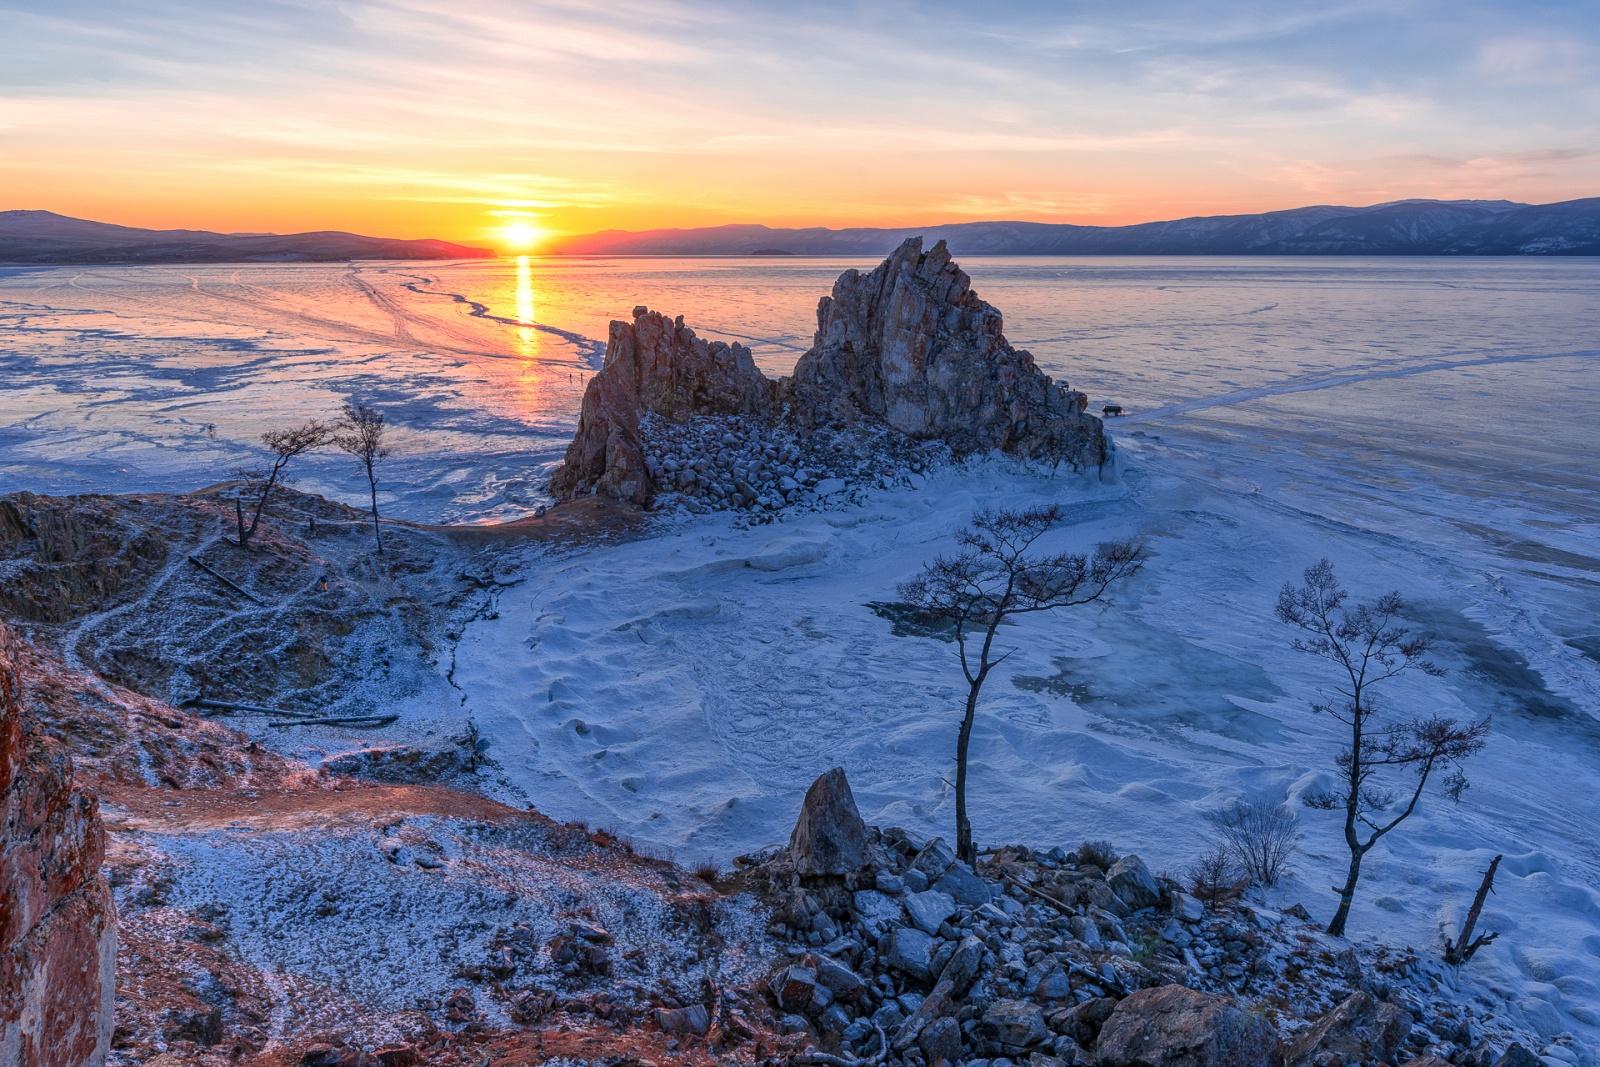 Baikal, Siberia, Russia